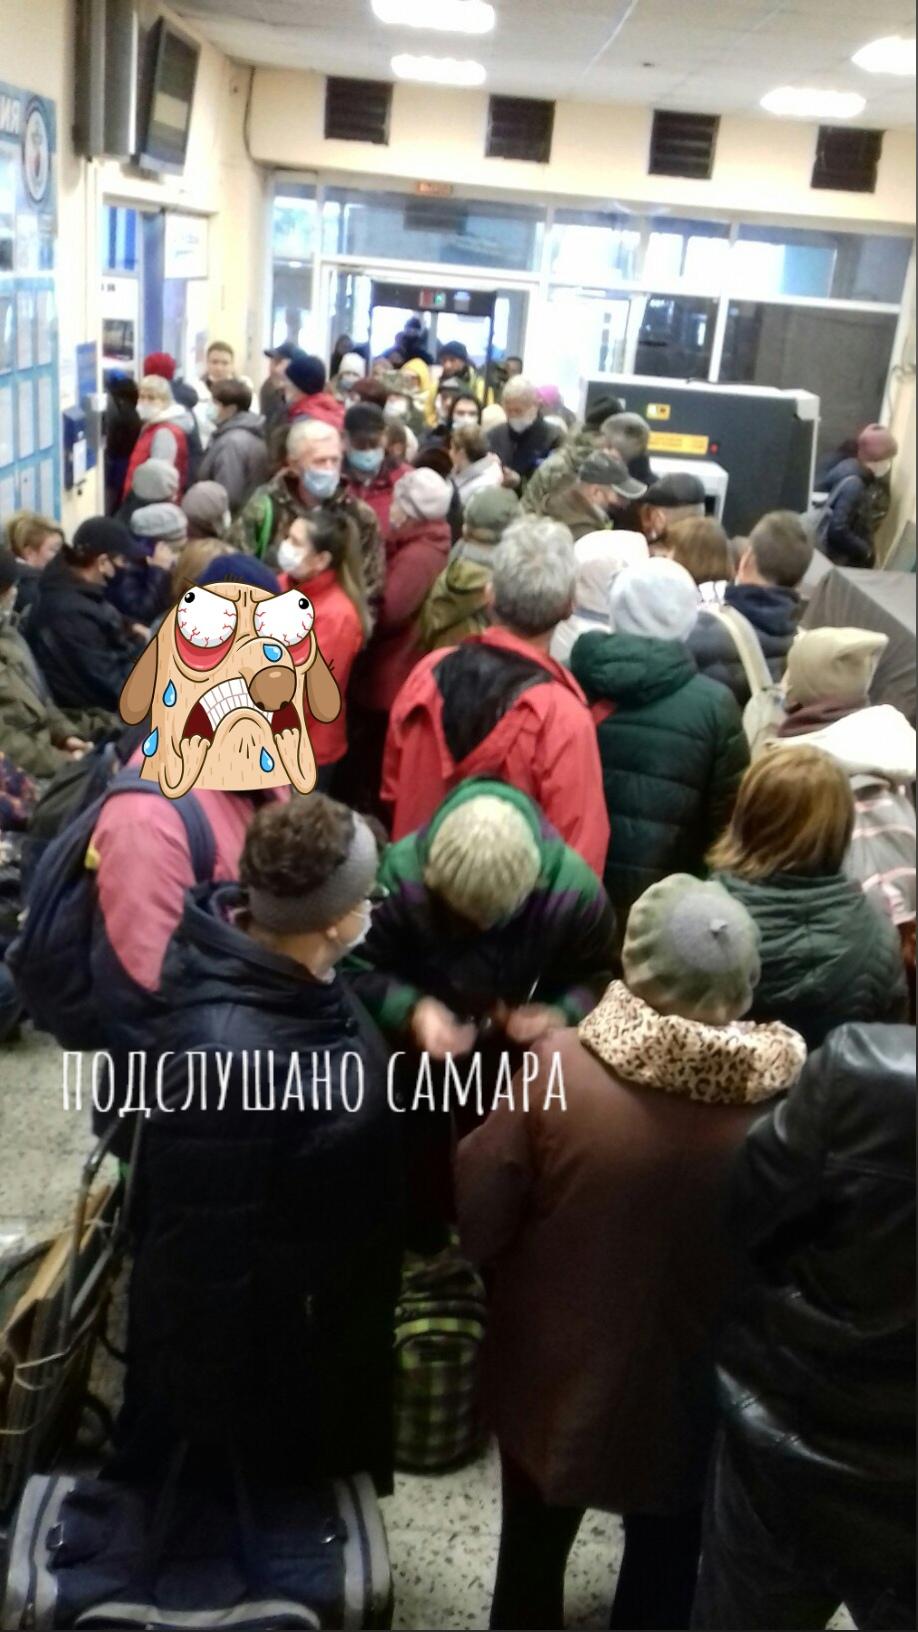 Самарцы пожаловались на большую очередь в кассу речного вокзала